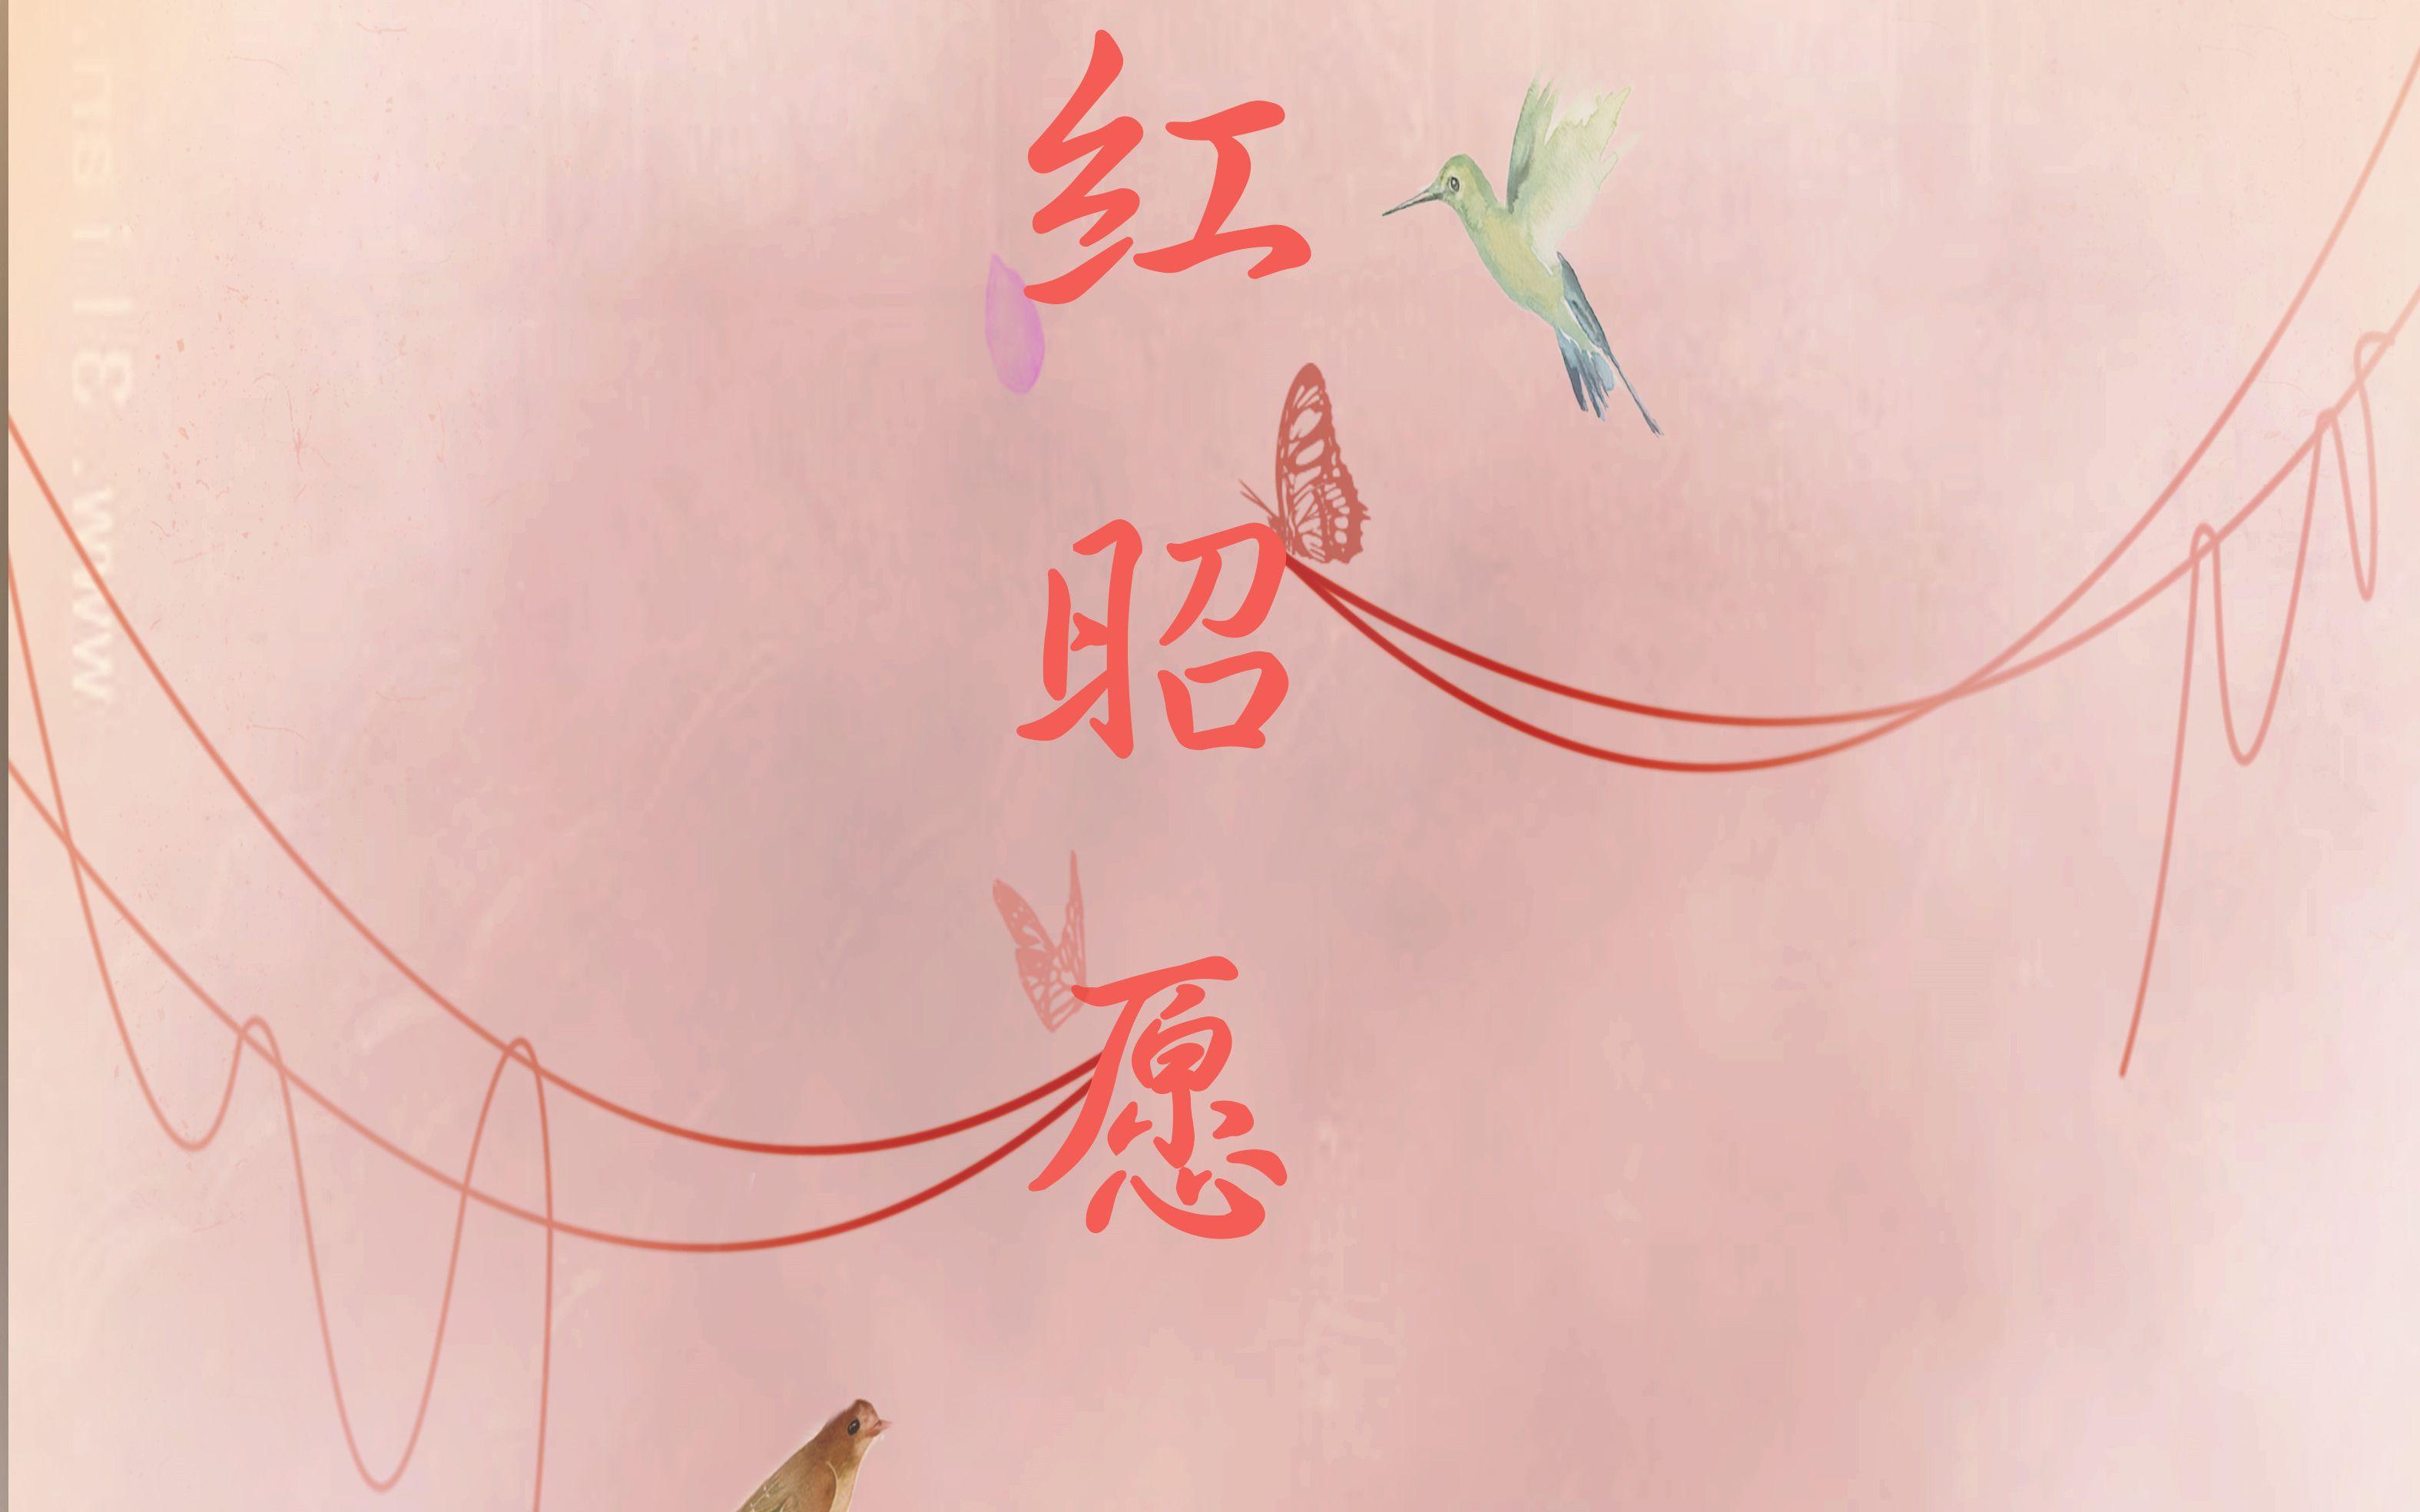 15岁色女qq昭i&�l$yeb�c�K�^XXދK�h�.y�@_【十仨la】红昭愿